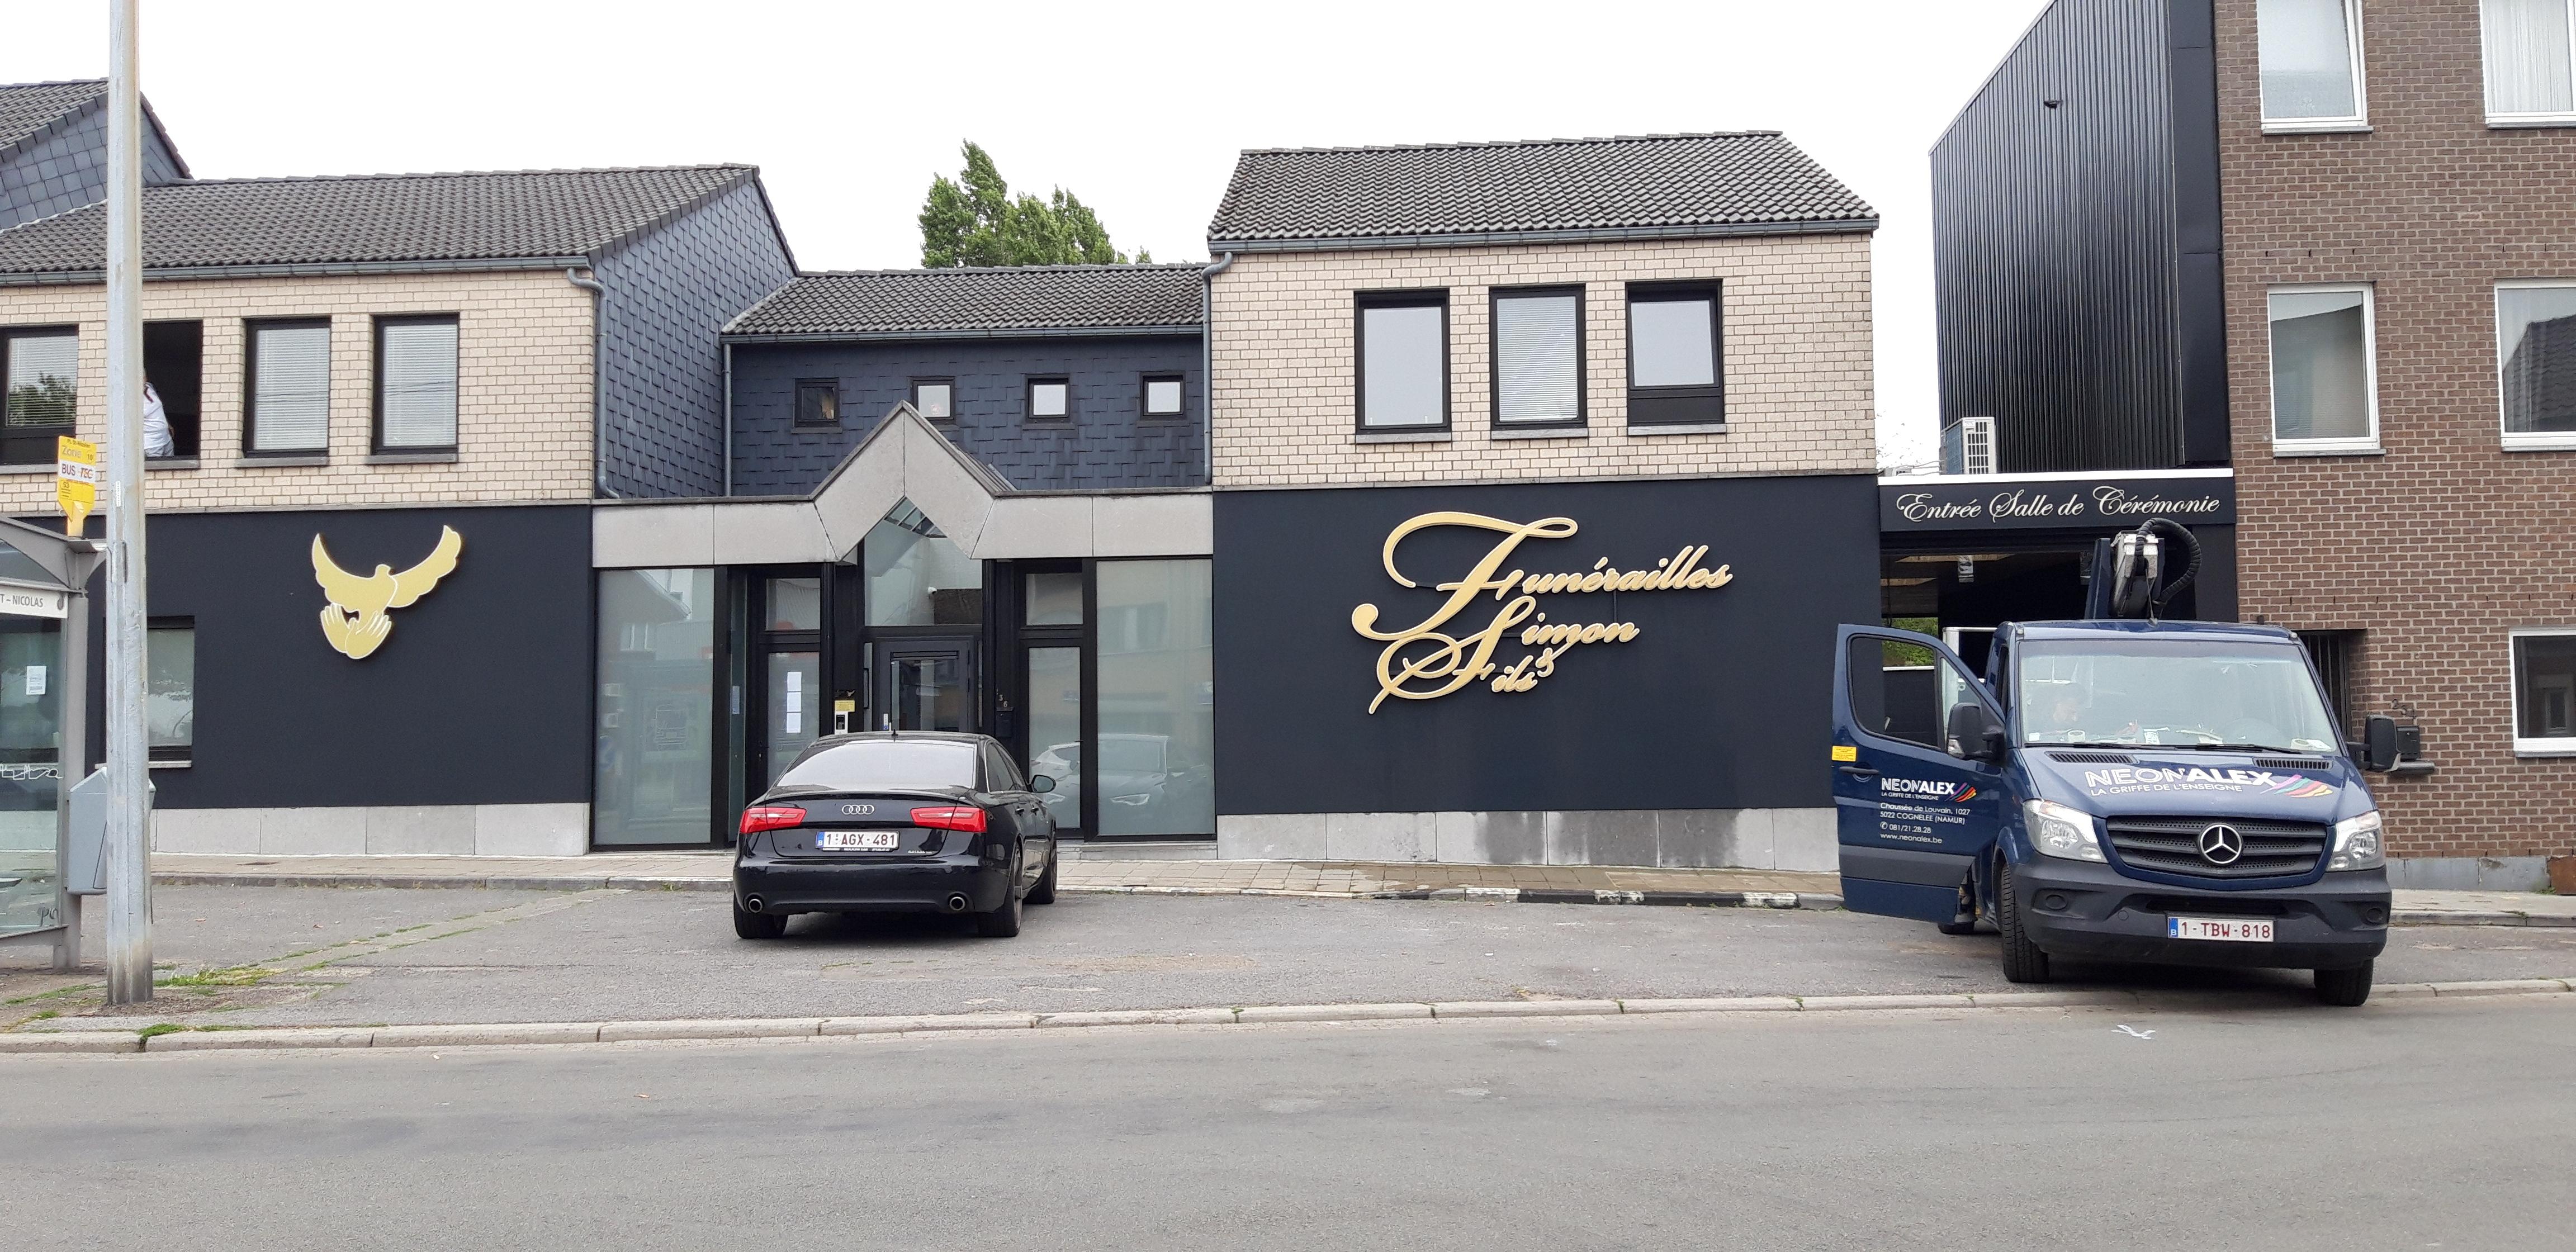 Eclairage indirect - Funerailles Simon à Liège